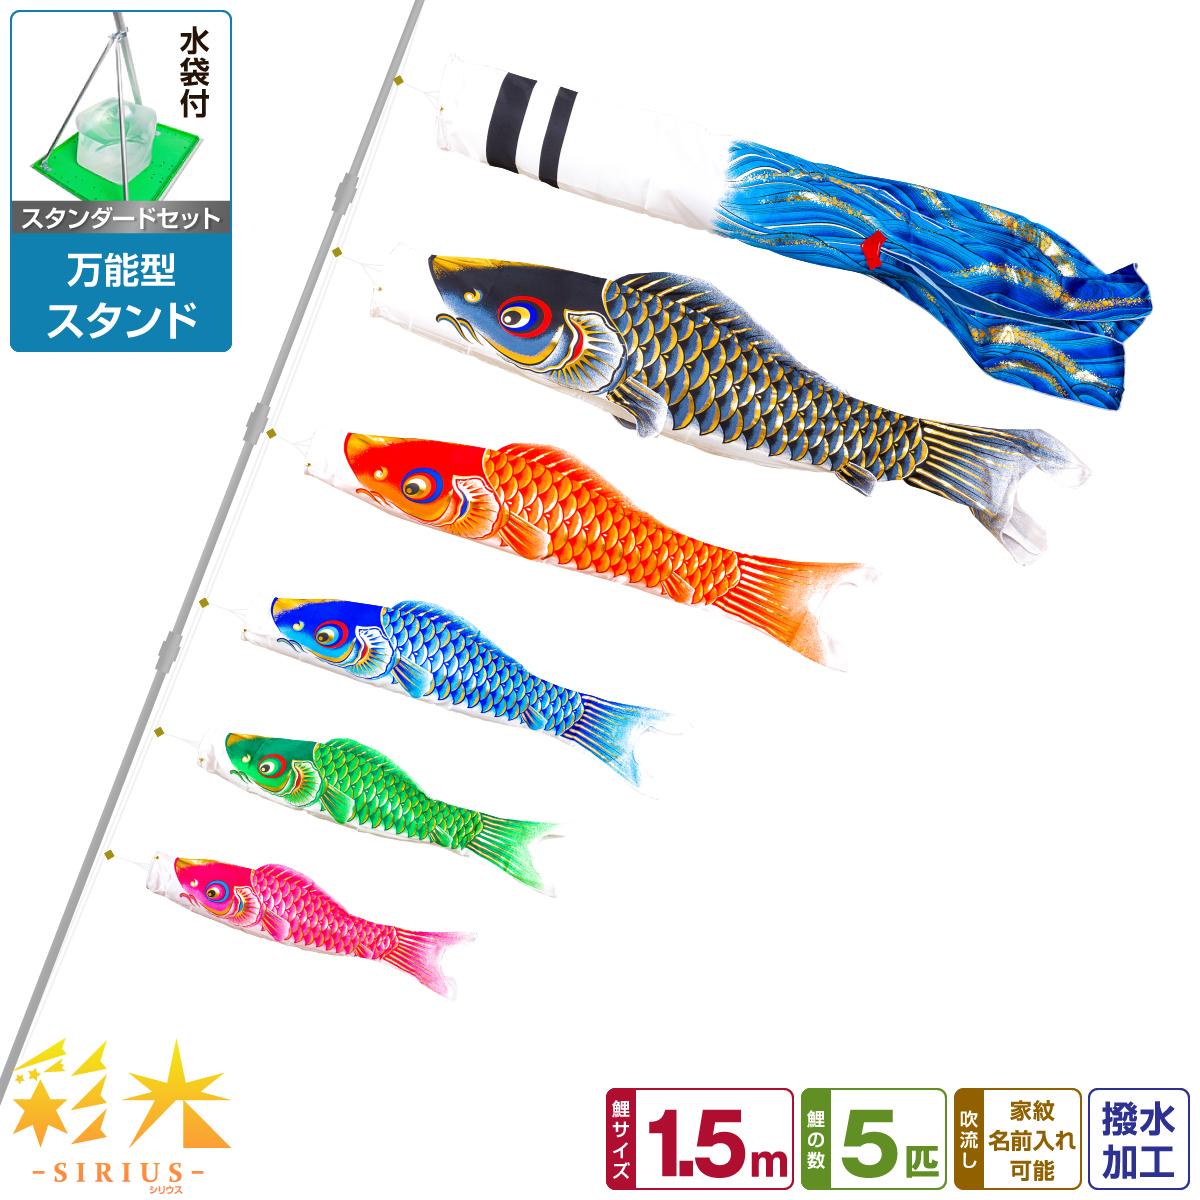 ベランダ用 こいのぼり 鯉のぼり SIRIUS/彩光鯉 1.5m 8点(吹流し+鯉5匹+矢車+ロープ)/スタンダードセット(万能スタンド)